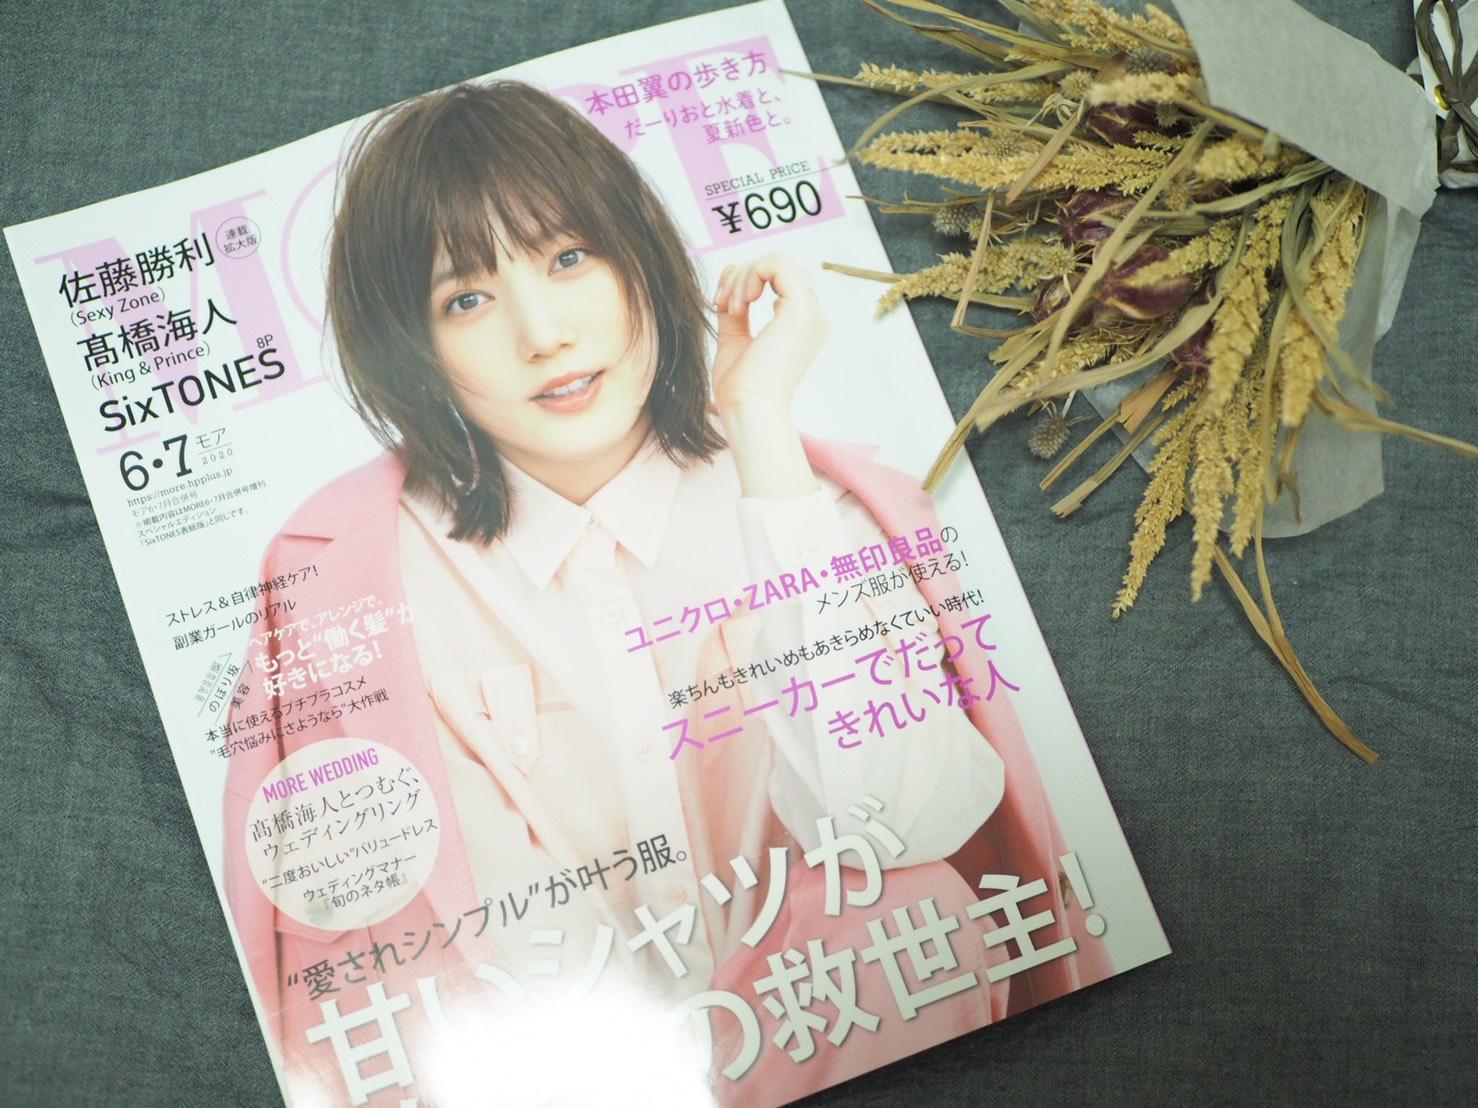 【最新号】MOREロスにならぬようGETすべし❁本日発売の6・7月合併号!_1